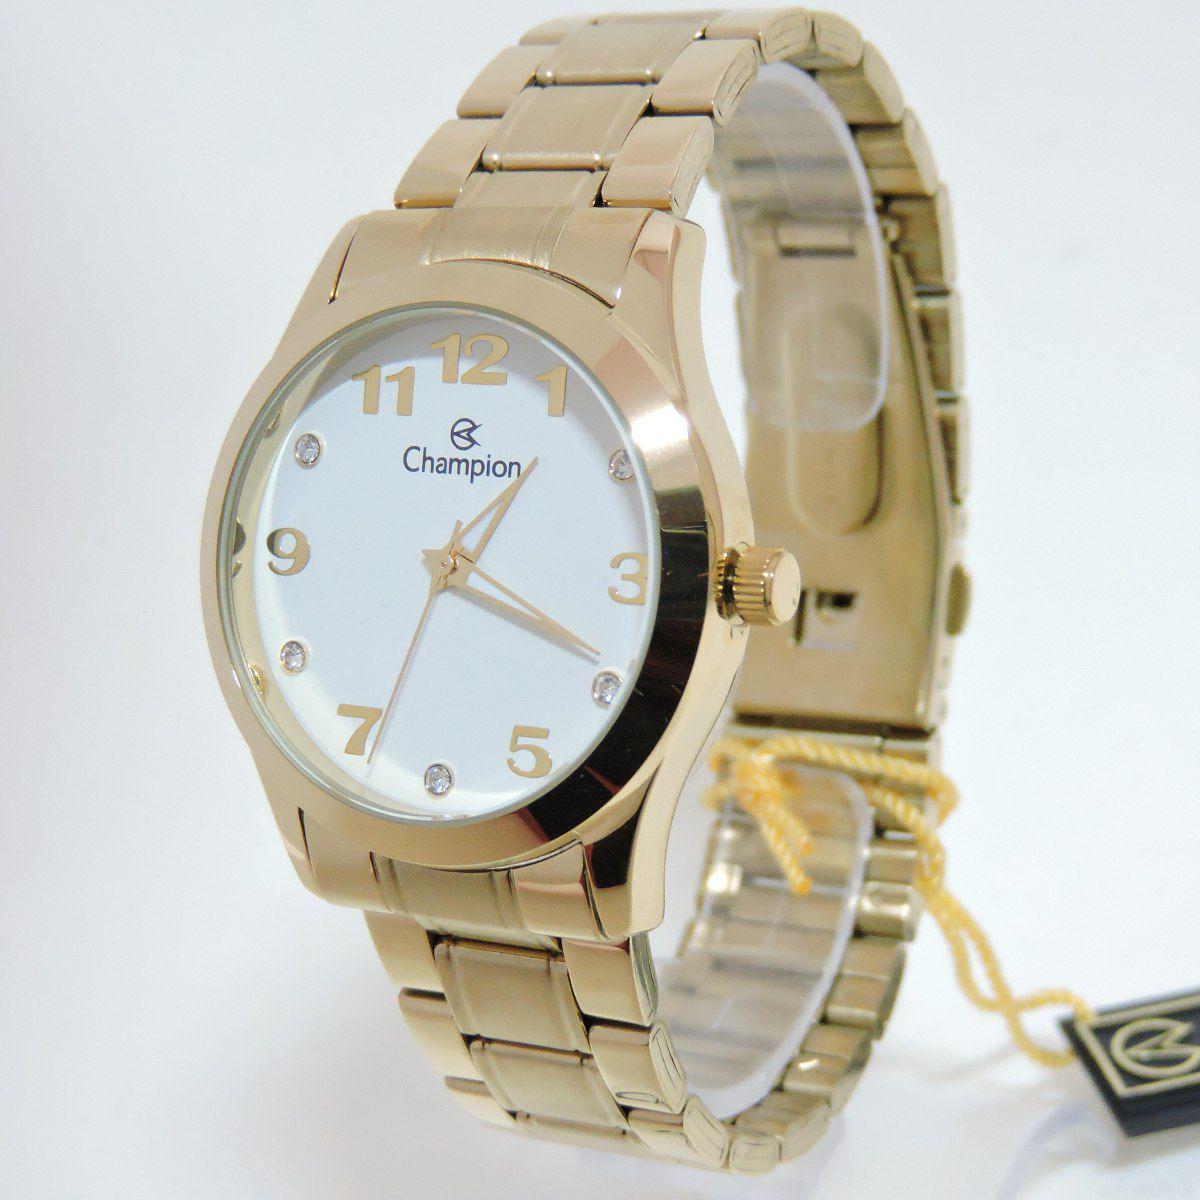 d2ead54fca9 Relogio Champion Feminino Dourado Original Cn29070h - Relógio ...